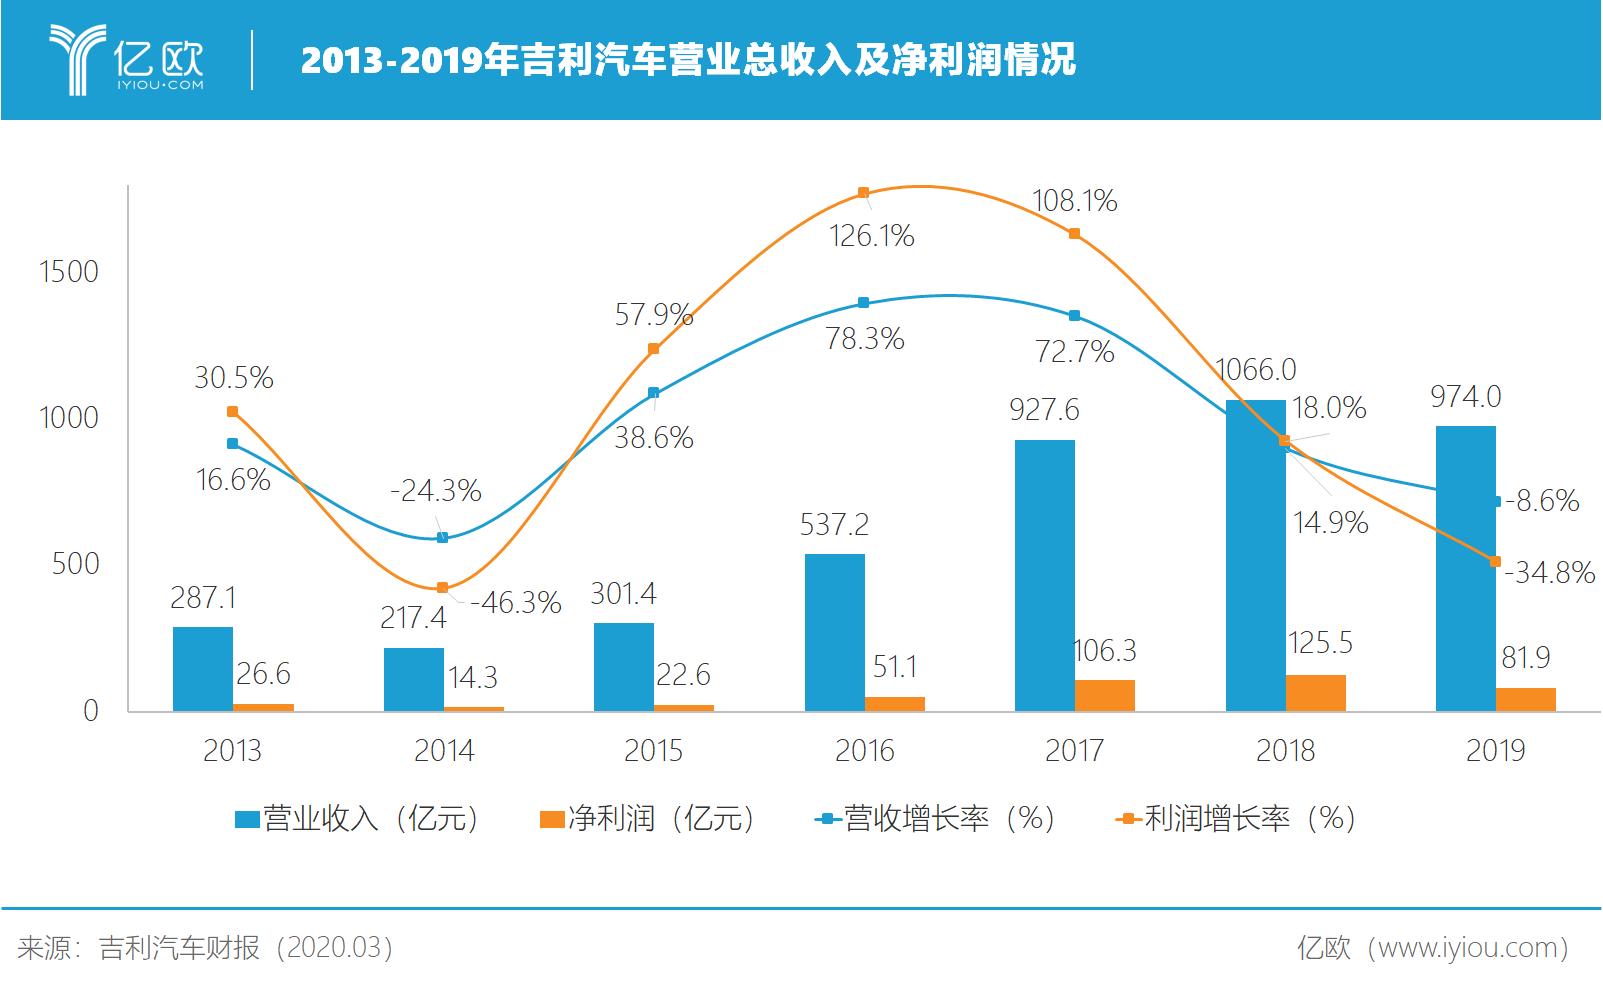 2013-2019年吉利汽车营业总收入及净利润情况